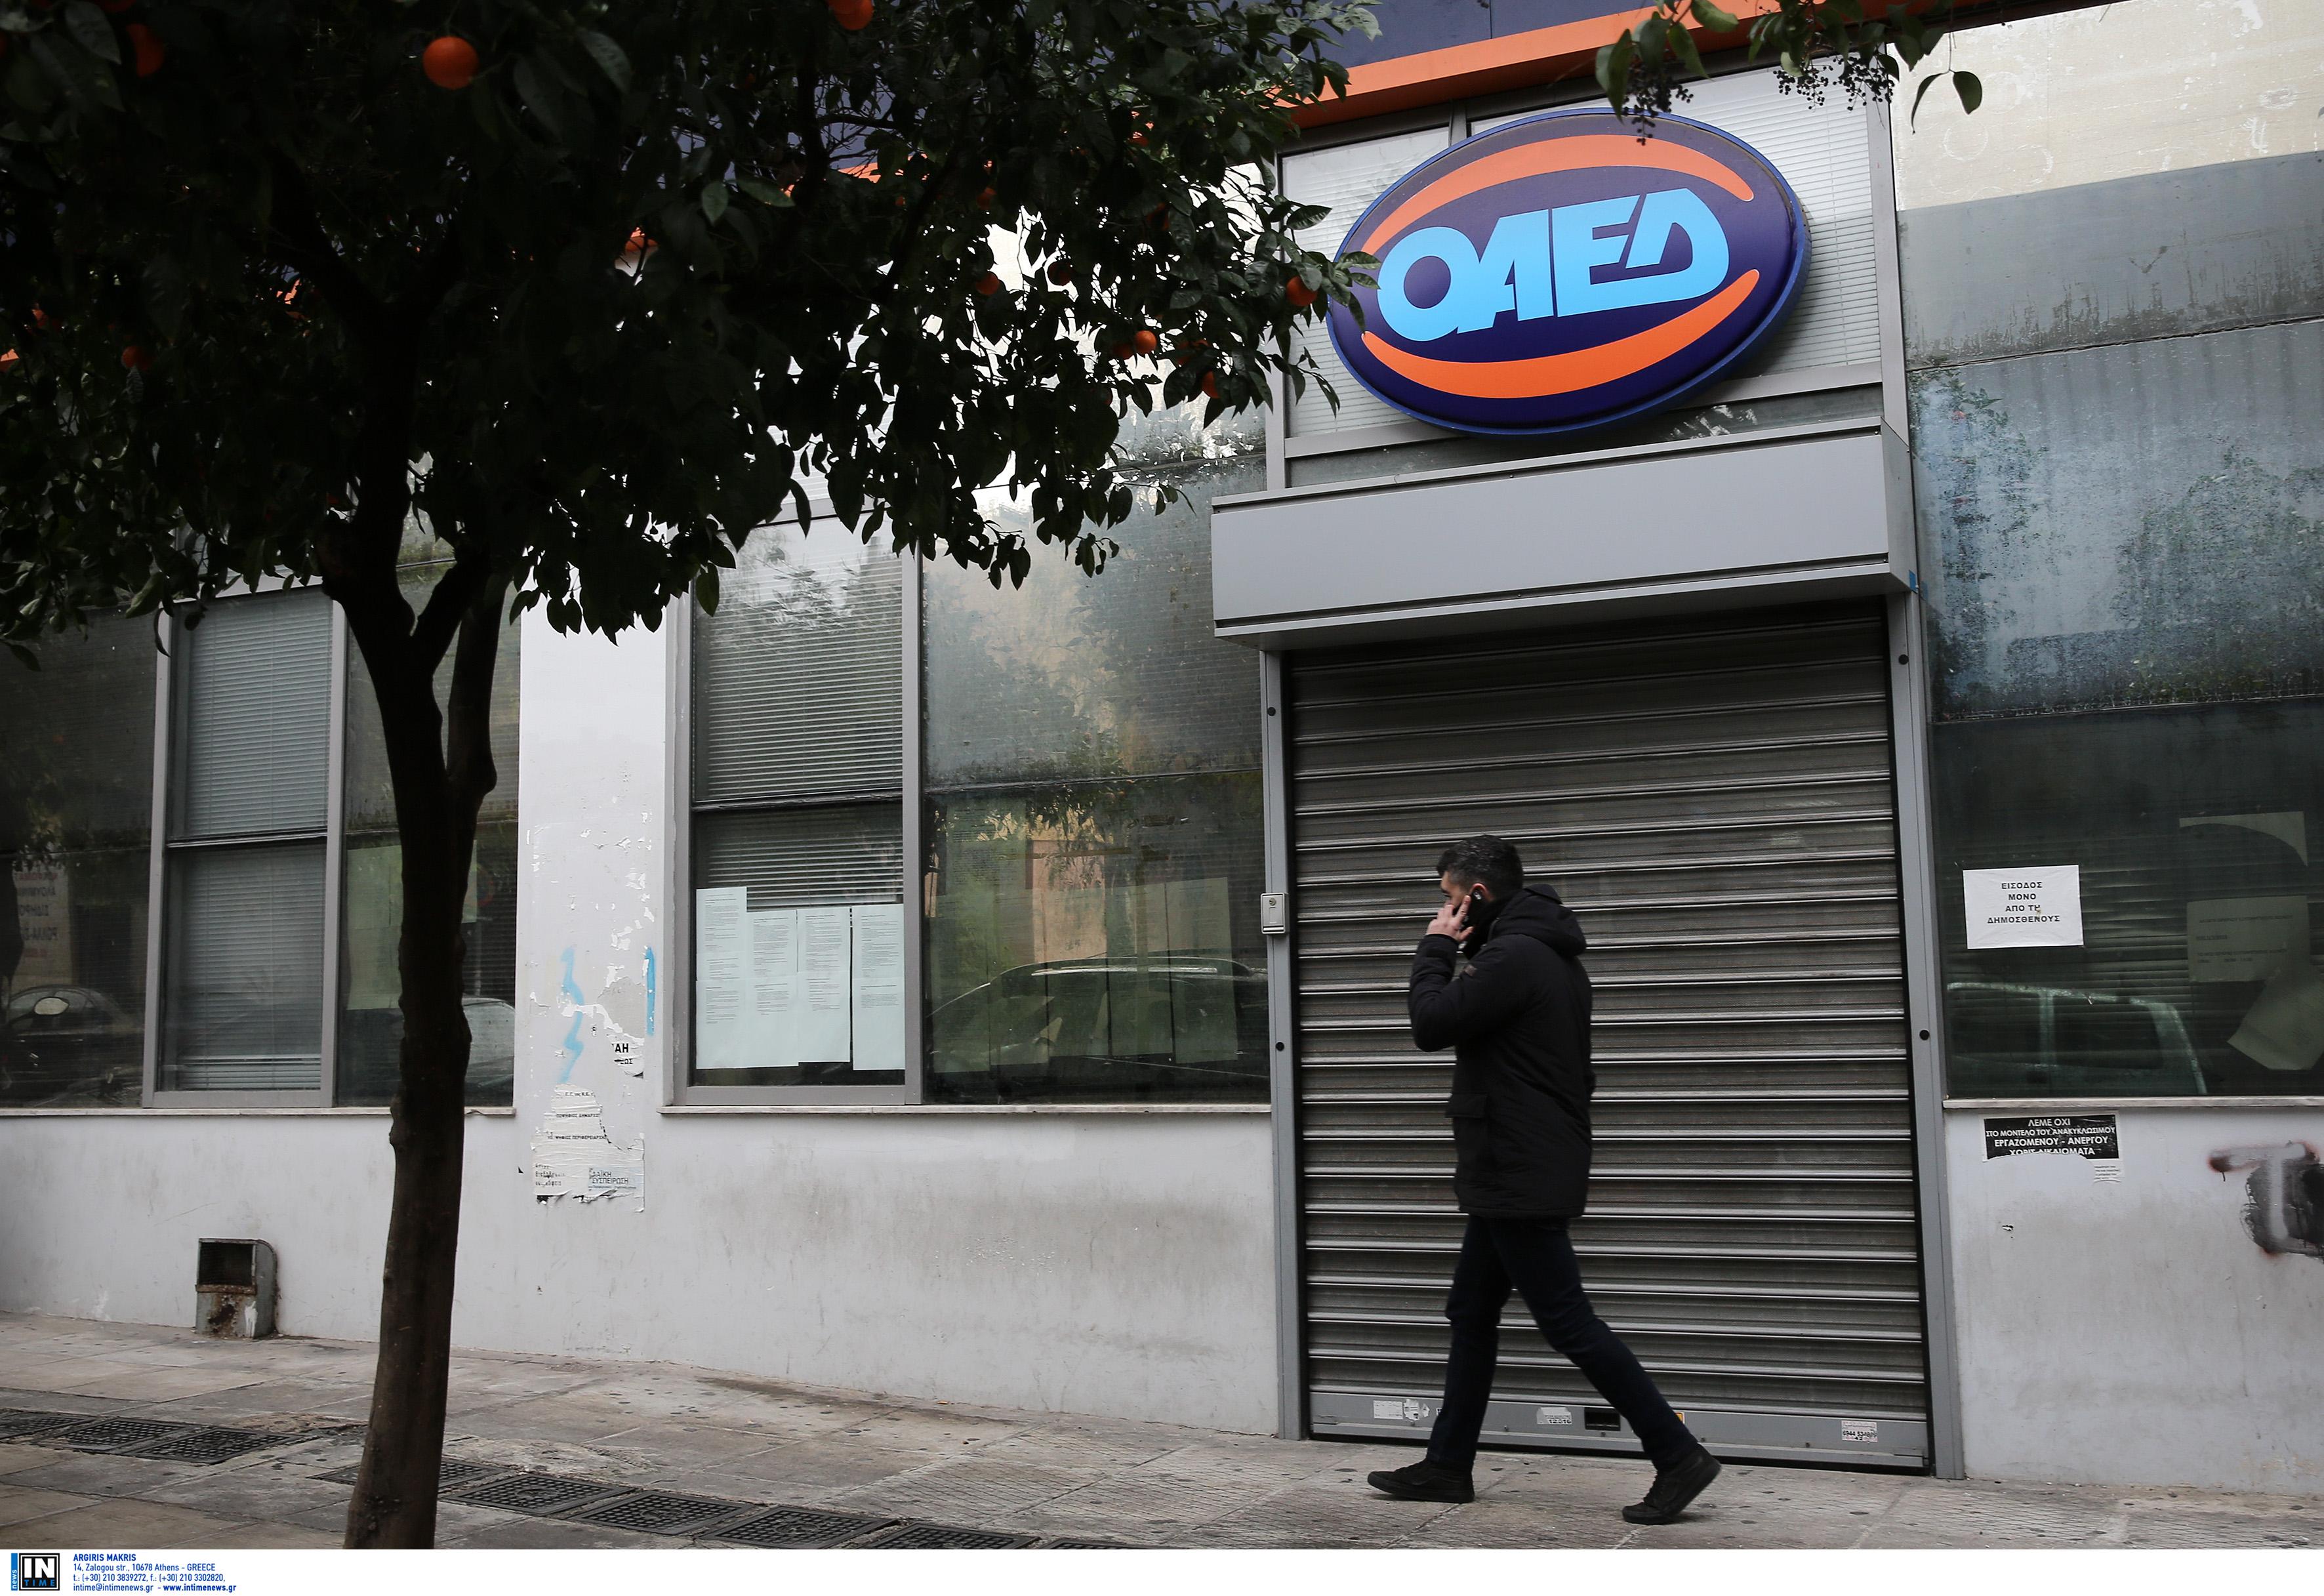 ΟΑΕΔ: Ανοίγει η πλατφόρμα για έκτακτη αποζημίωση των εποχικά εργαζομένων – Ποιοι είναι οι δικαιούχοι